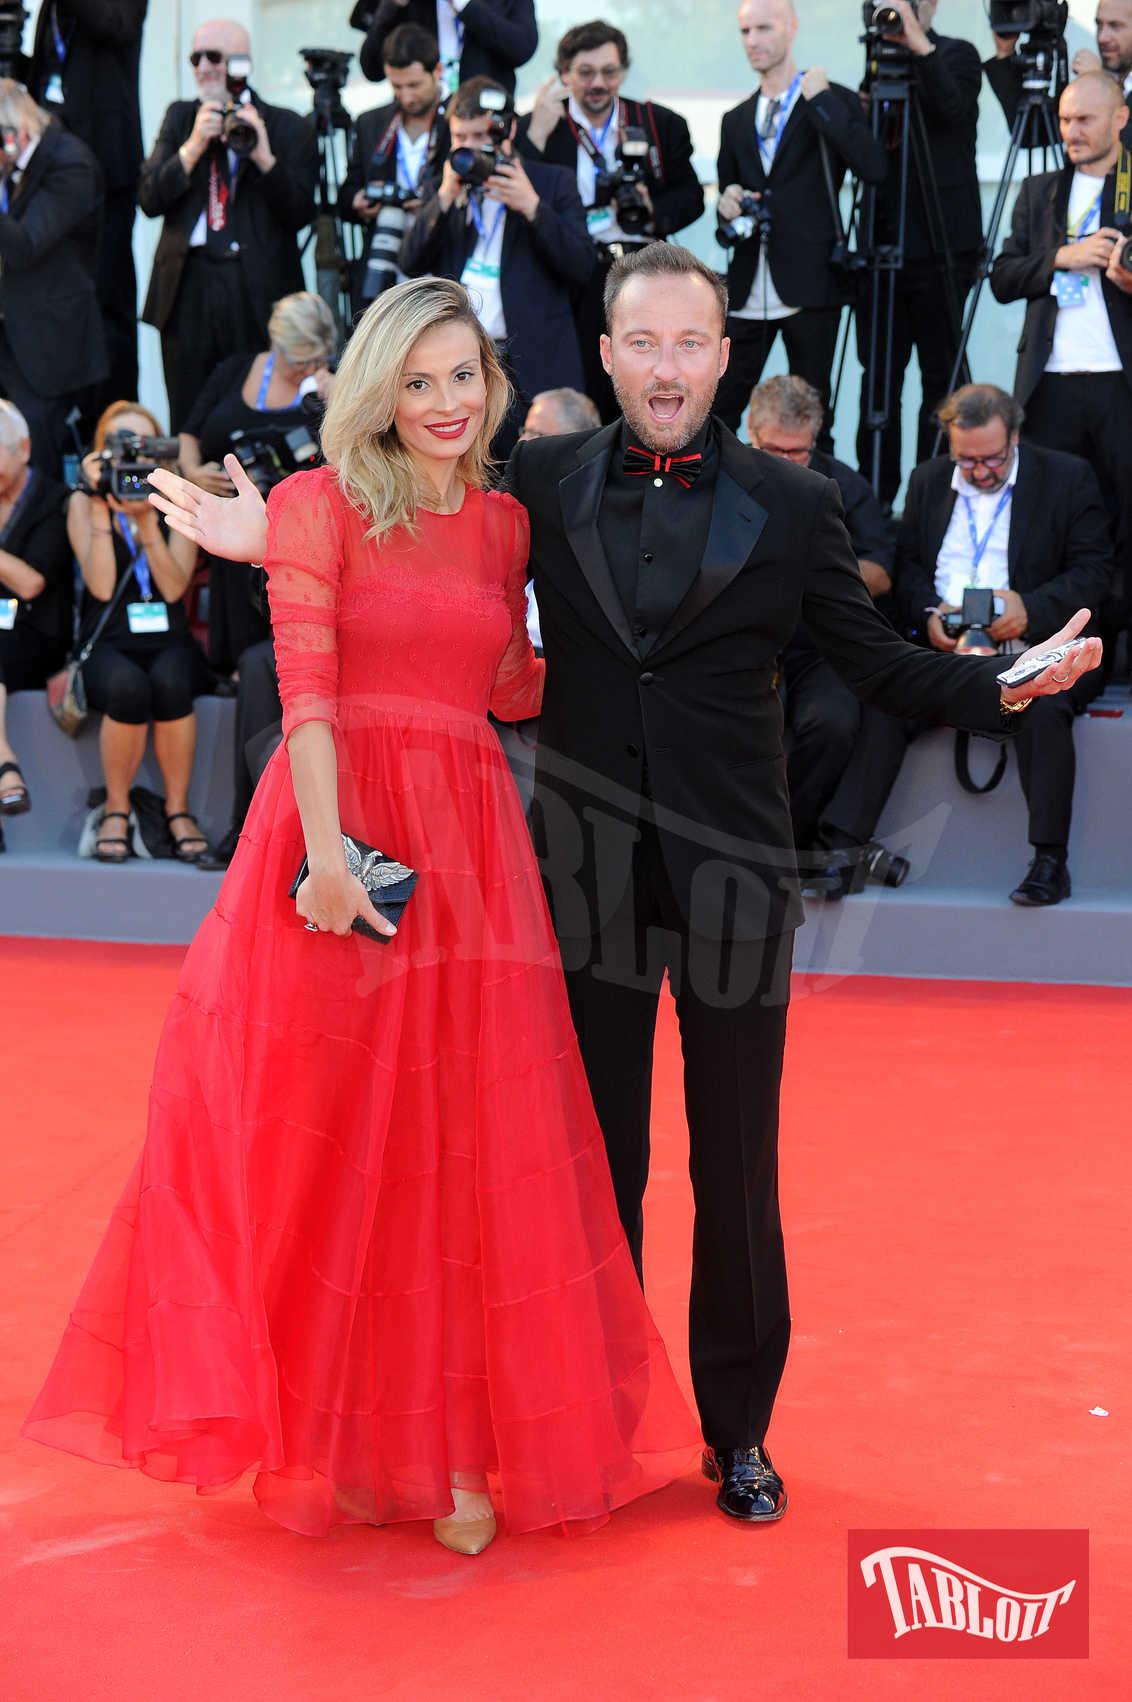 """Francesco Facchinetti e la moglie Wilma alla premiere di """"La La Land"""" durante la 73esima edizione della Mostra del Cinema di Venezia nel 2016"""